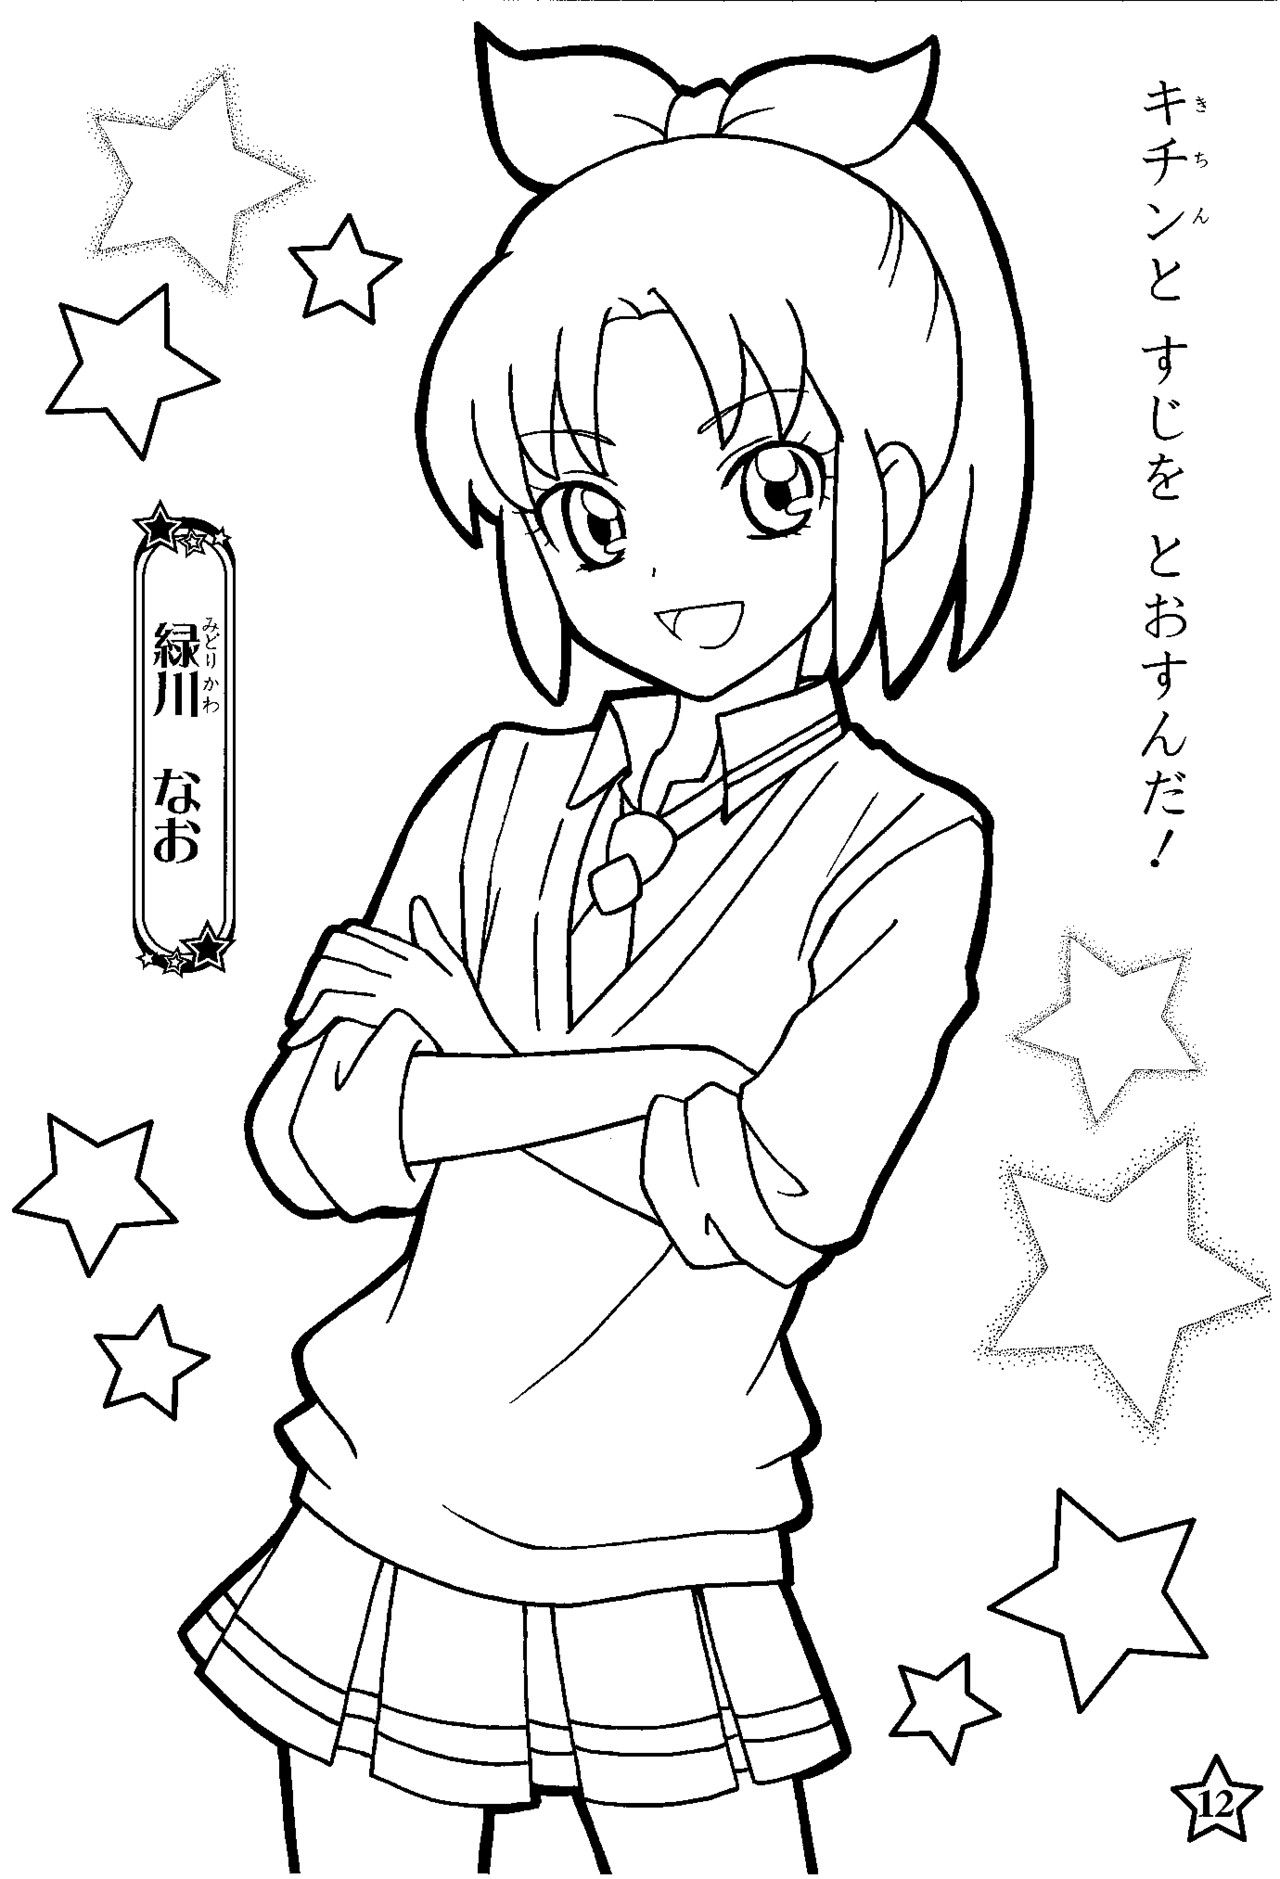 Die Besten Ideen Fur Ausmalbilder Anime Madchen Beste Malvorlage Einhorn Malvorlagen Fur Madchen Wenn Du Mal Buch